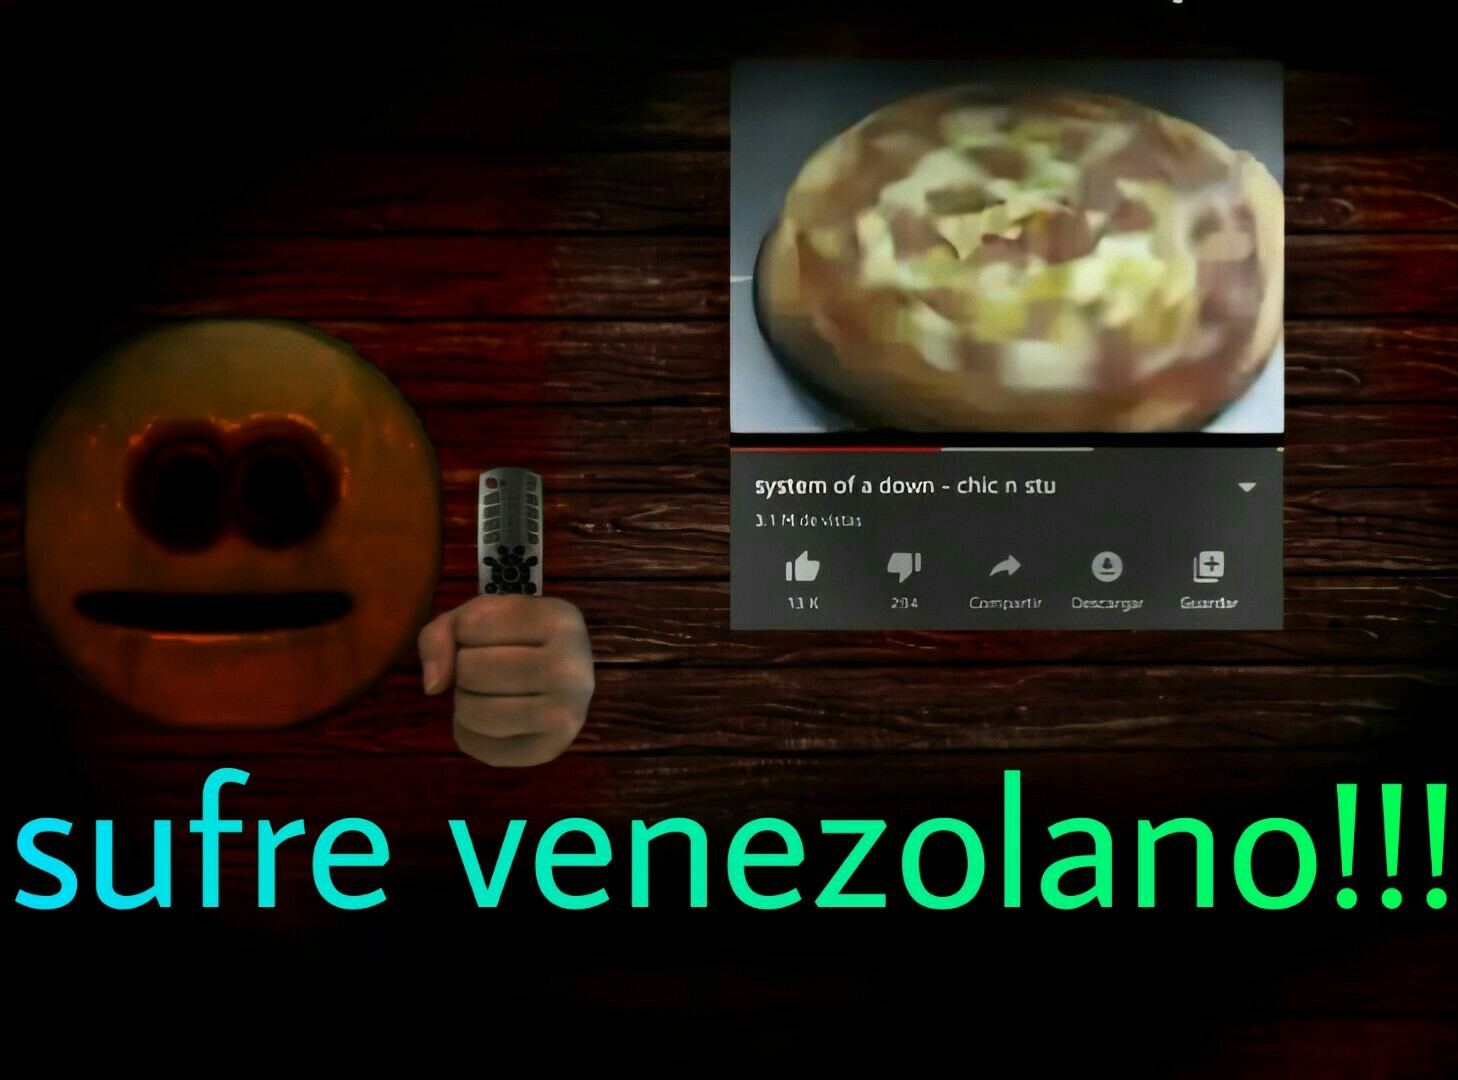 Sufre venezolano!!! - meme